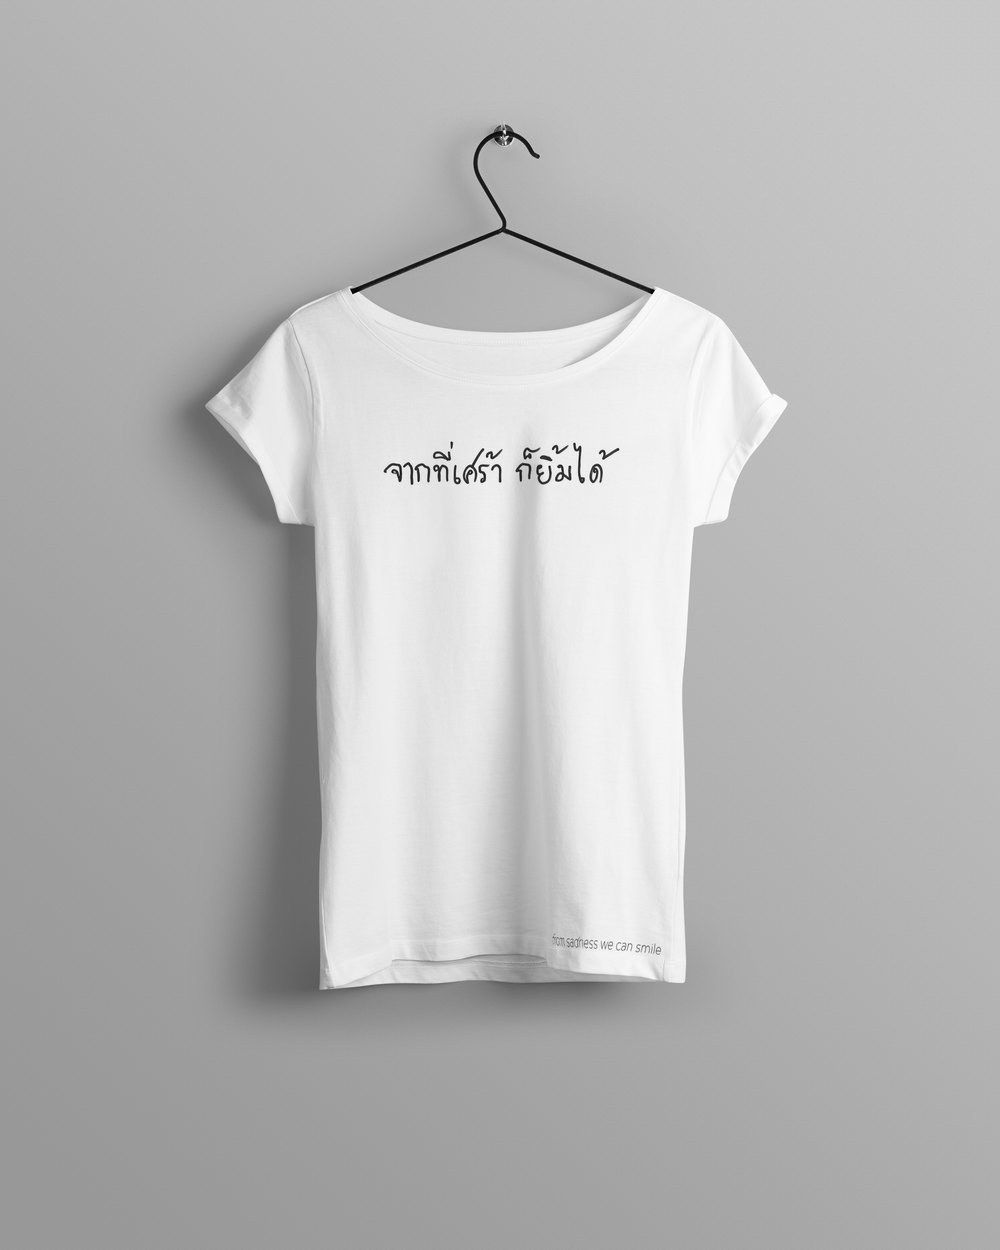 shirt-07b.jpg